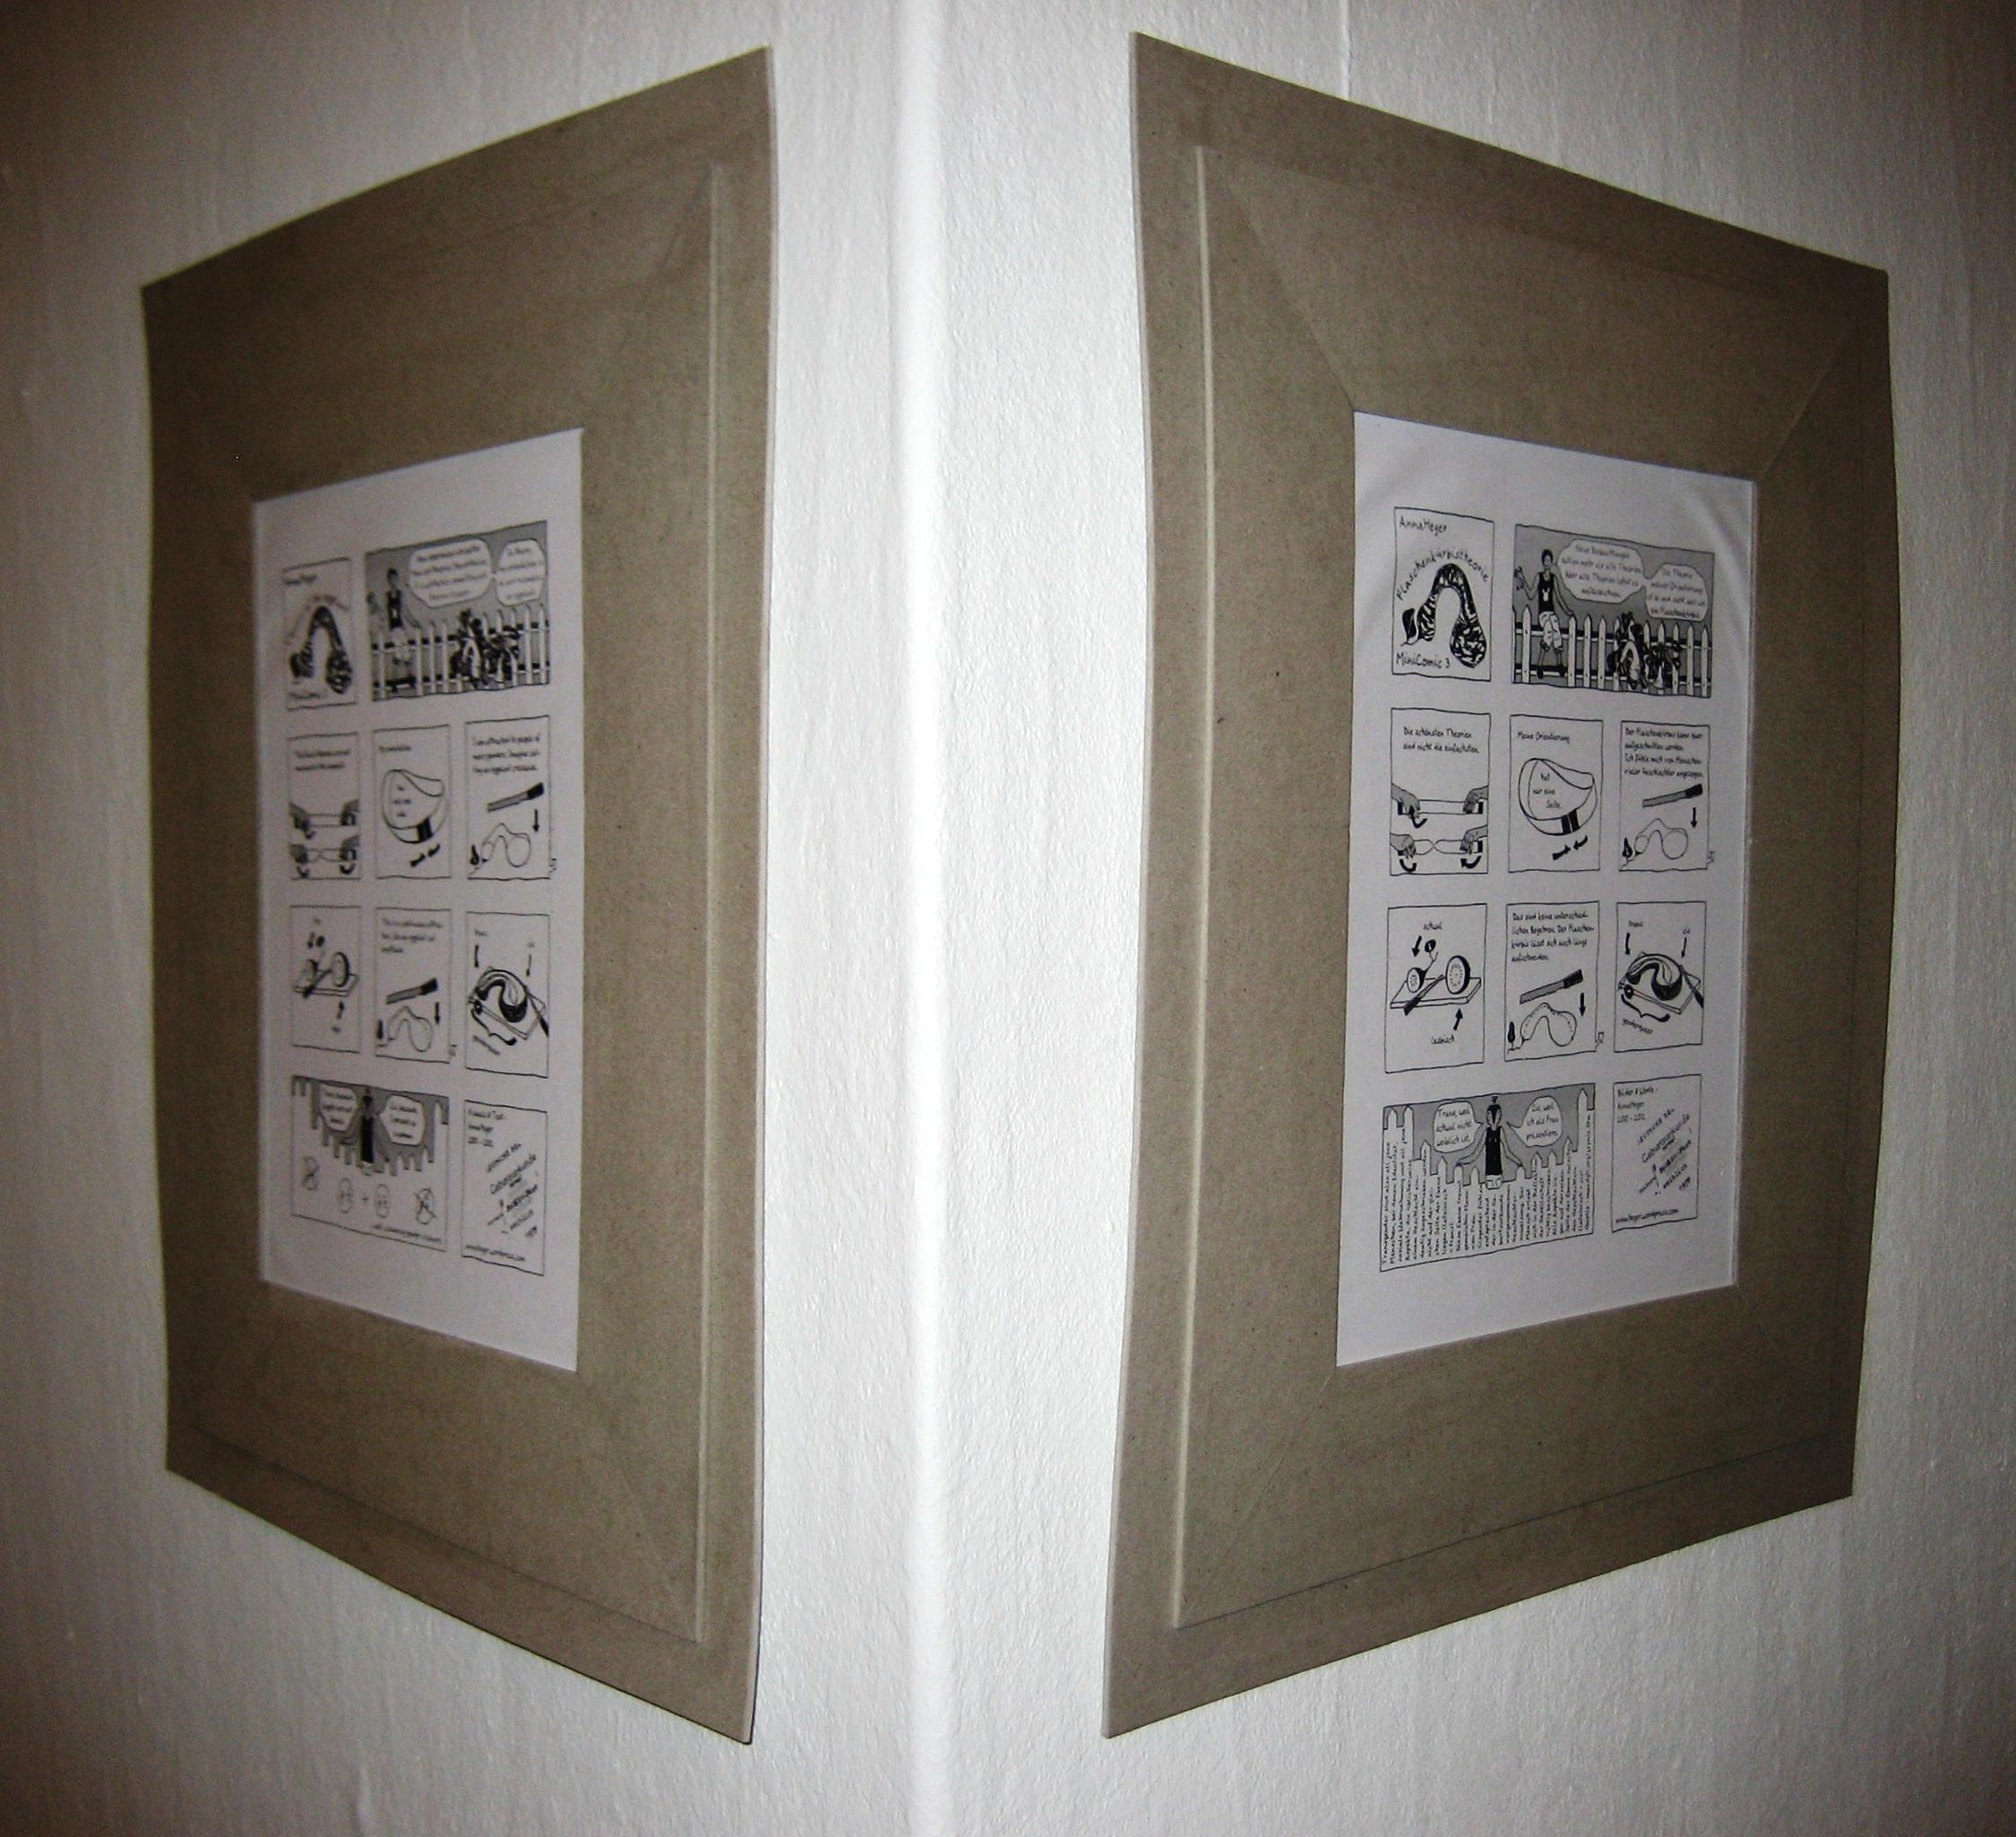 Foto der beiden Comics in grauer Pappe gerahmt an über Eck liegenden weißem Wänden